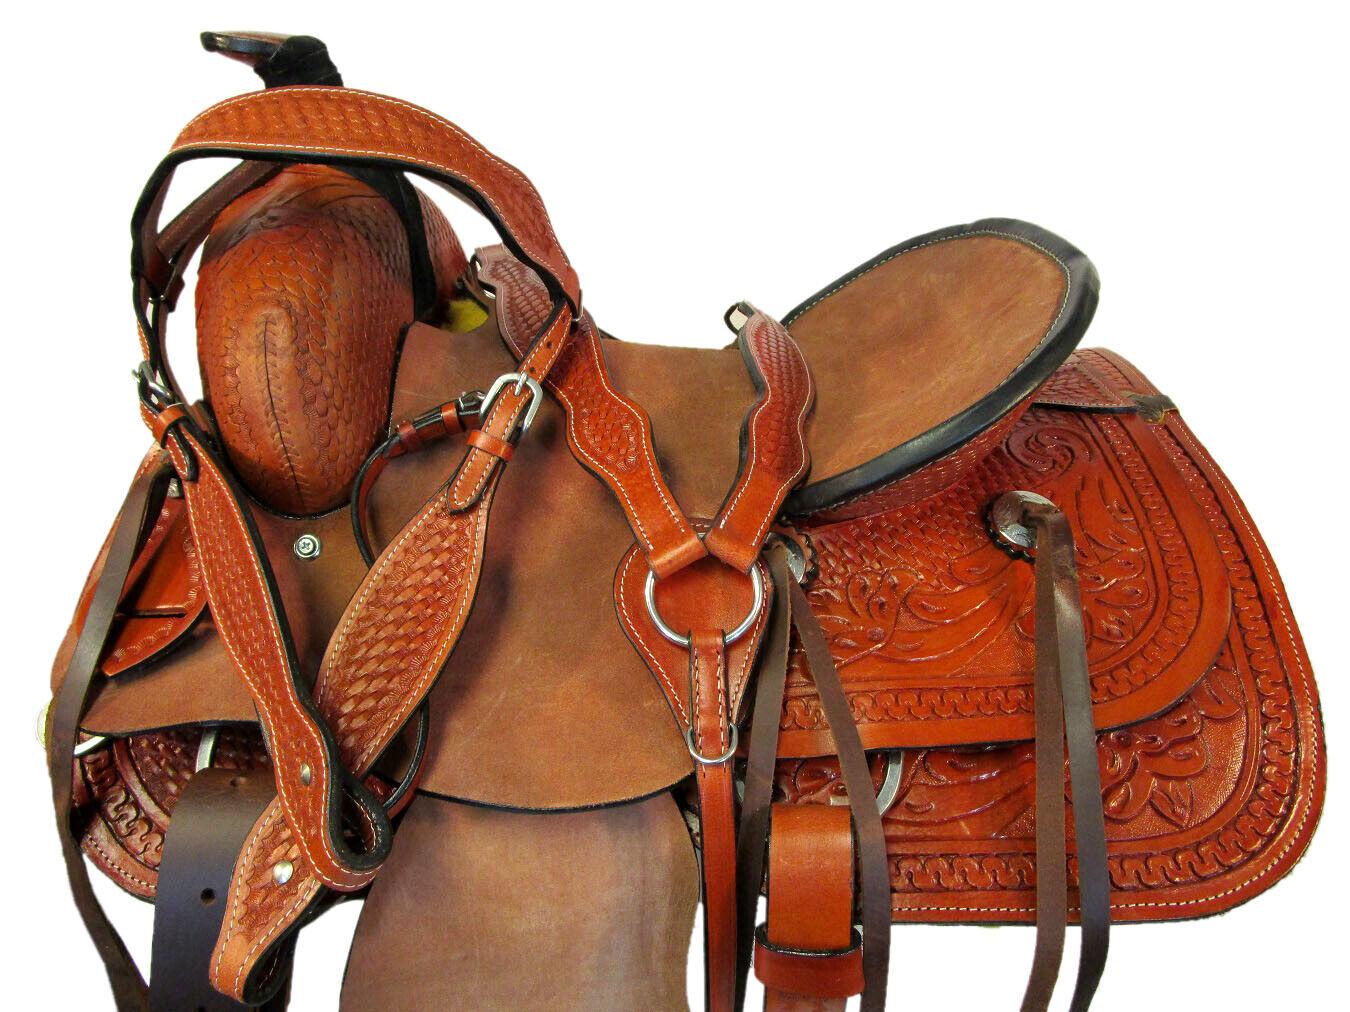 Silla de montar 15 16  17 Oeste Rodeo Amarrar Roper amarrar Caballo Trail Conjunto De Cuero fileteado  Mejor precio